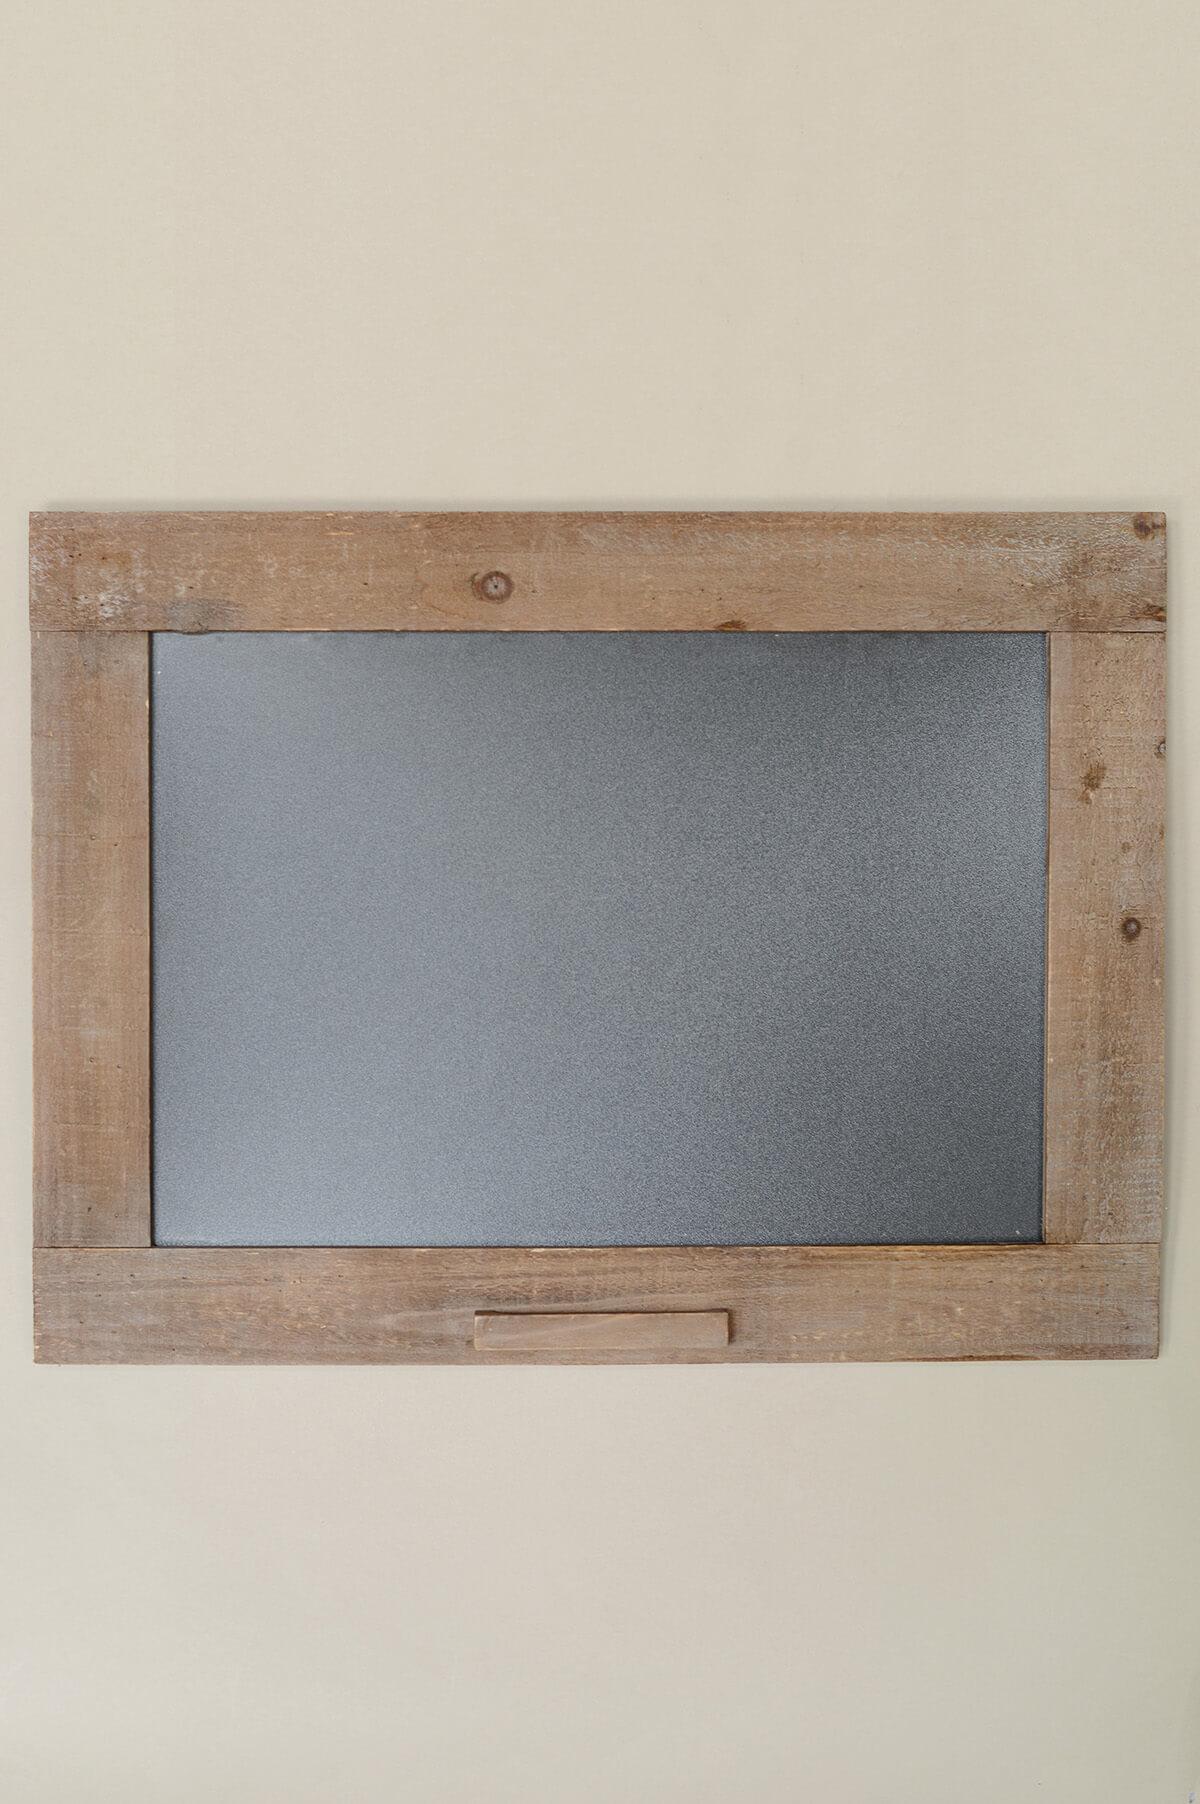 Framed Wooden Blackboard 24\